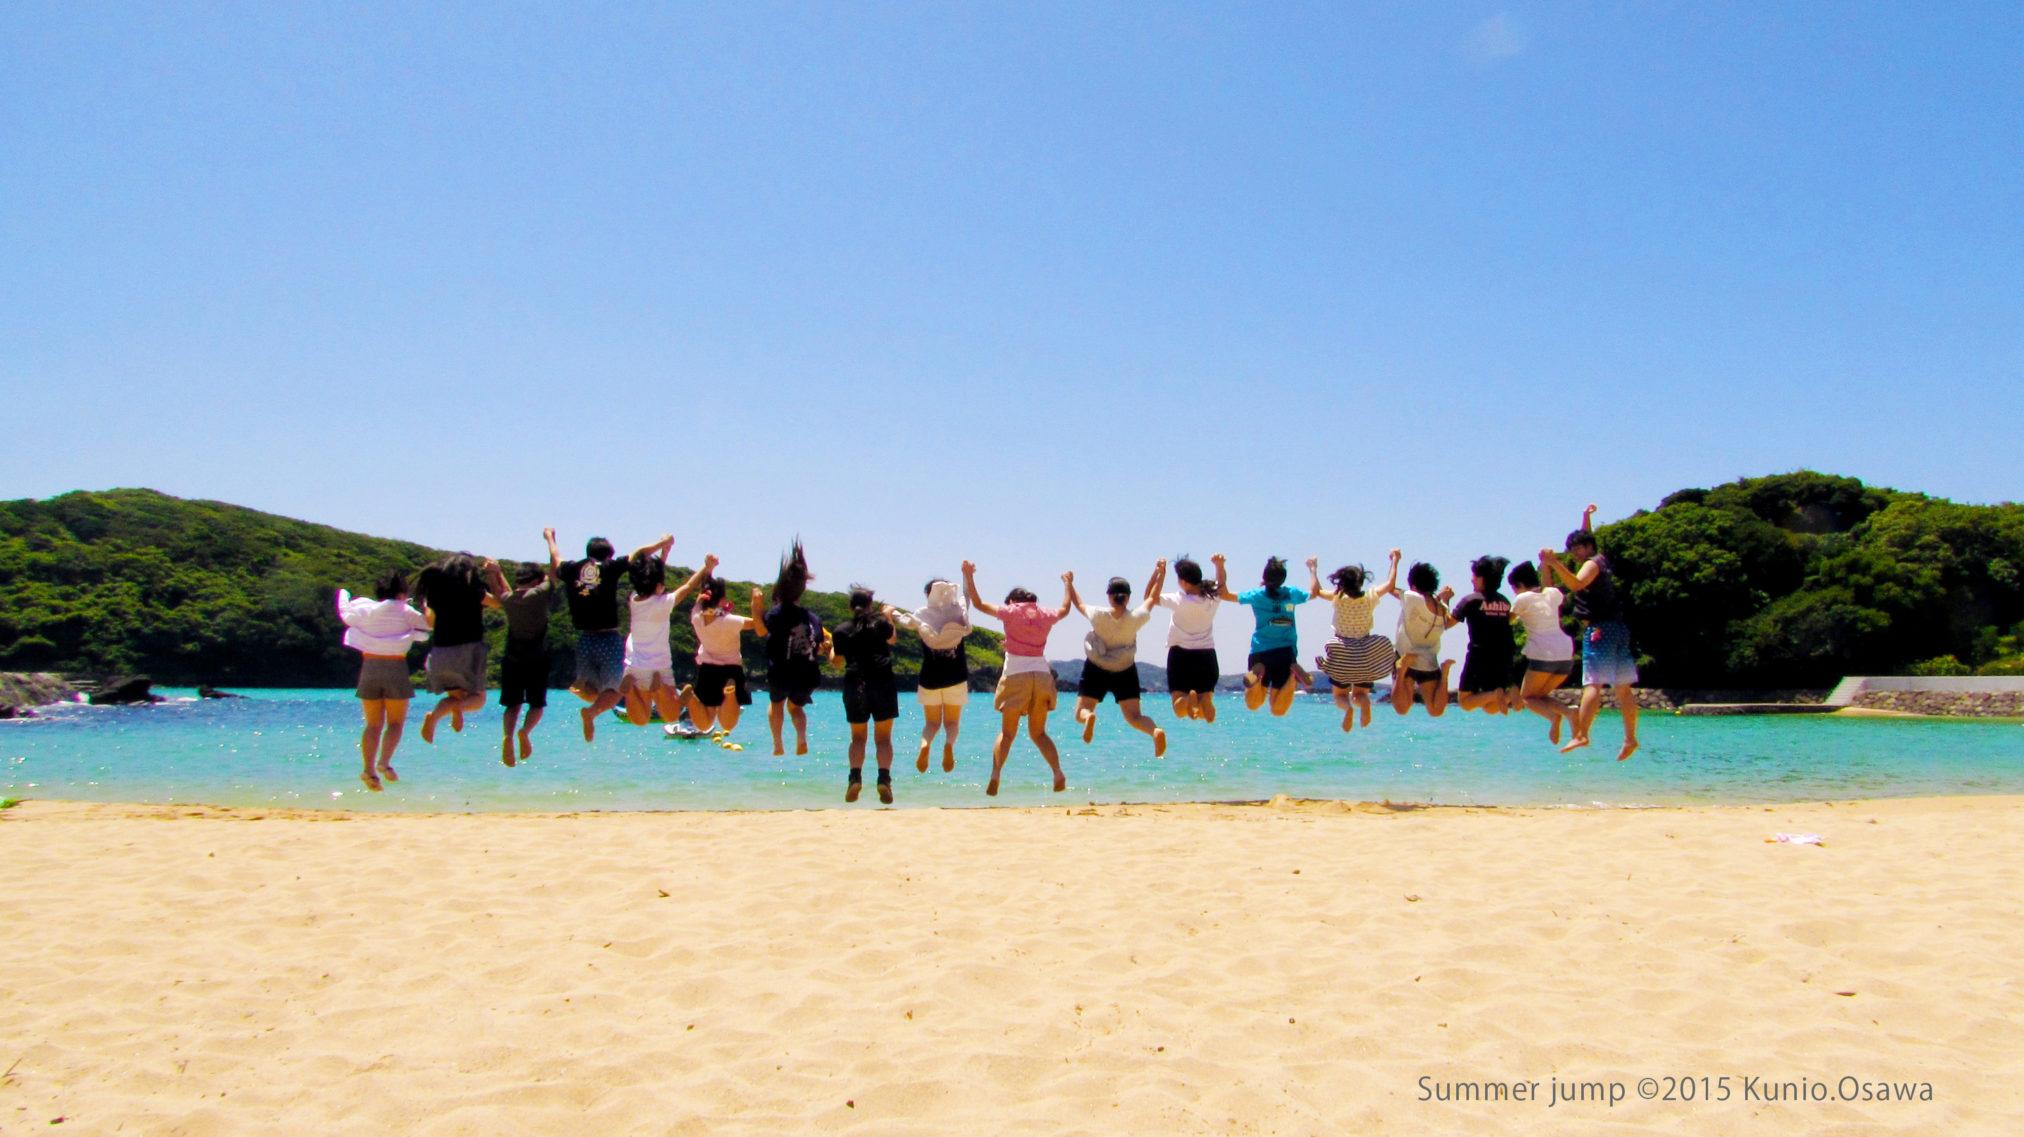 Beach jump (c)2015 Kunio.Osawa 大沢くにお